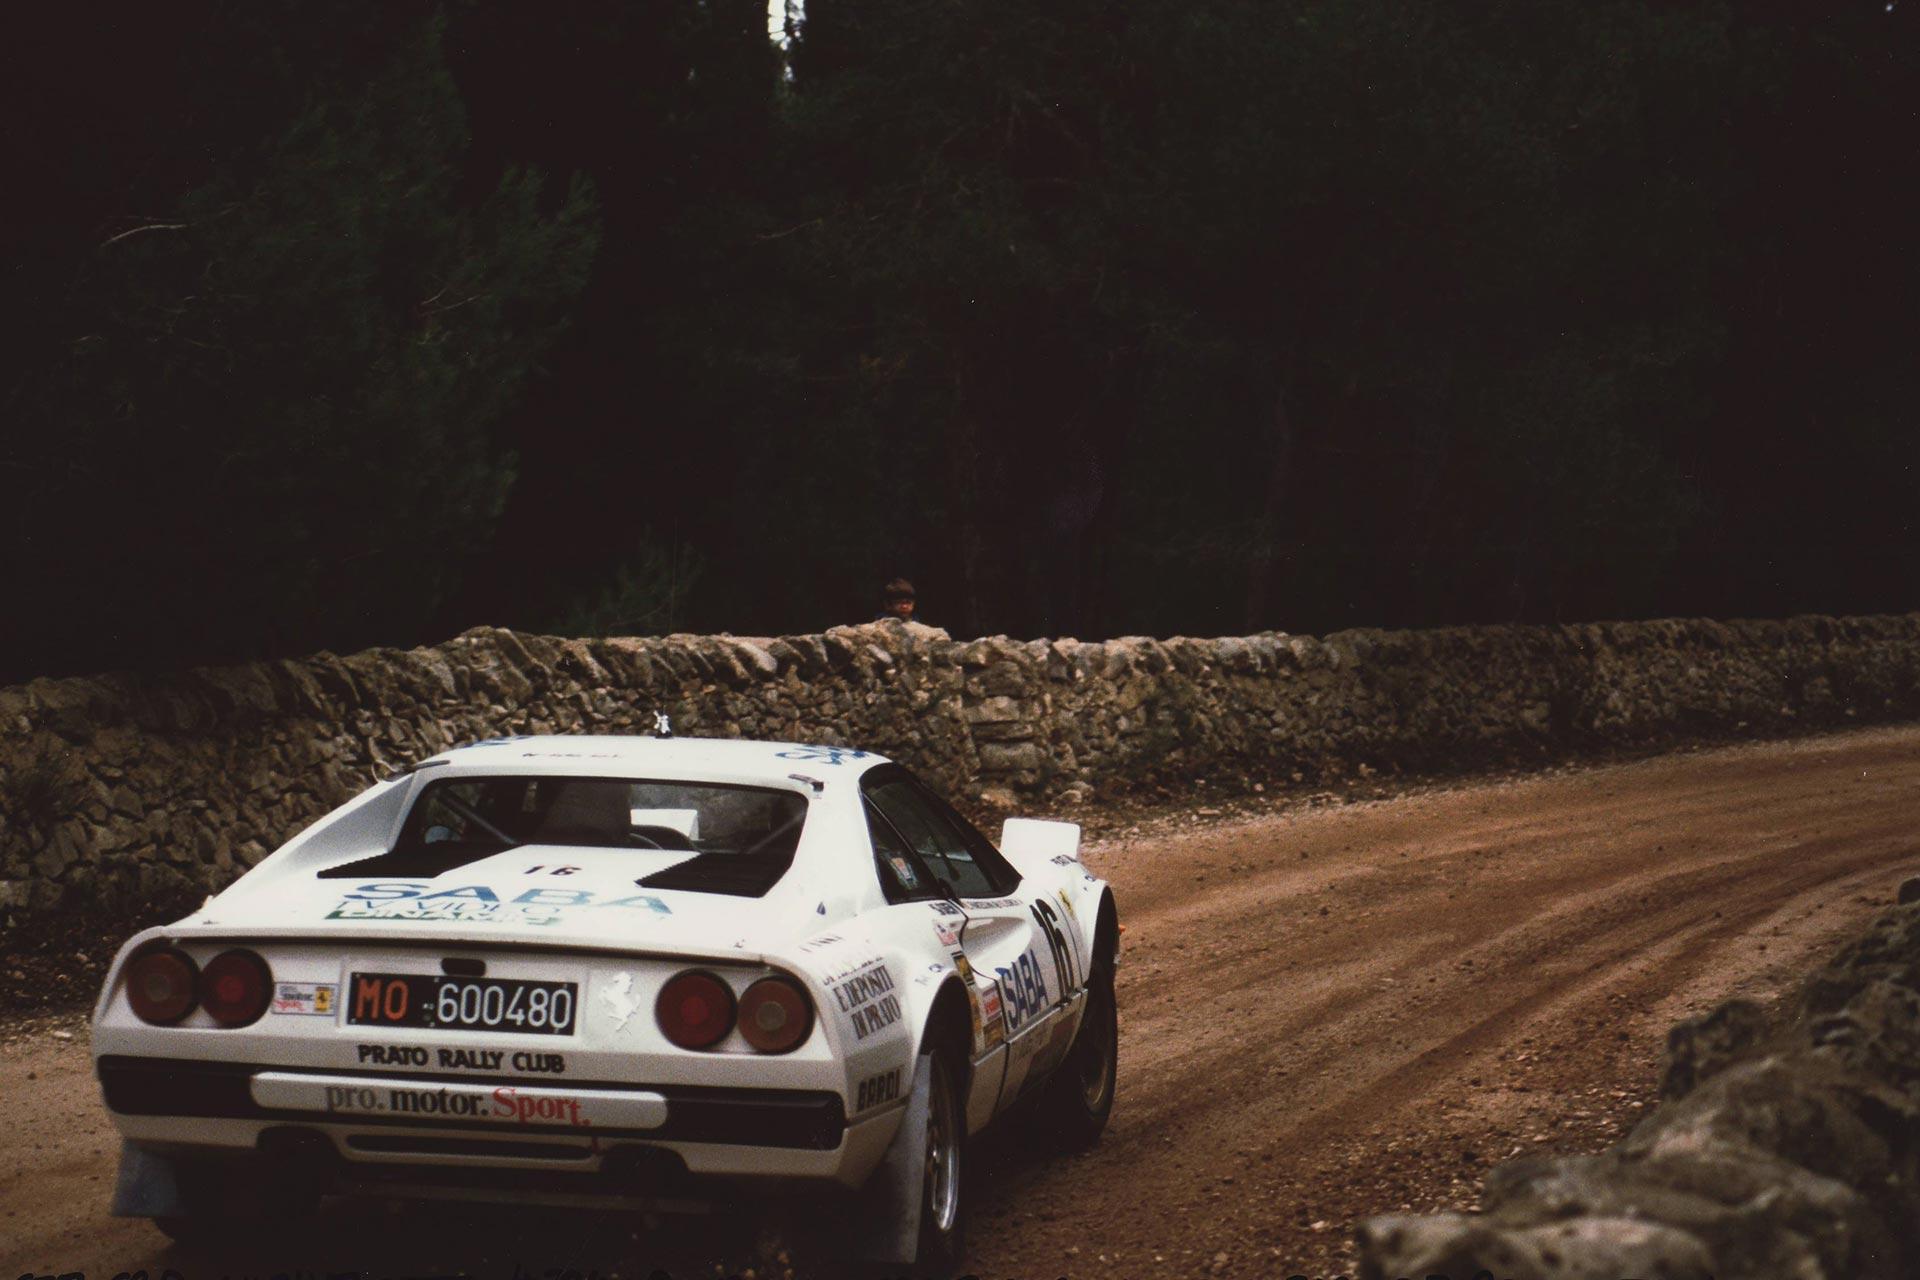 Ferrari-308-GTB-Michelotto-Group-B-for-sale-18